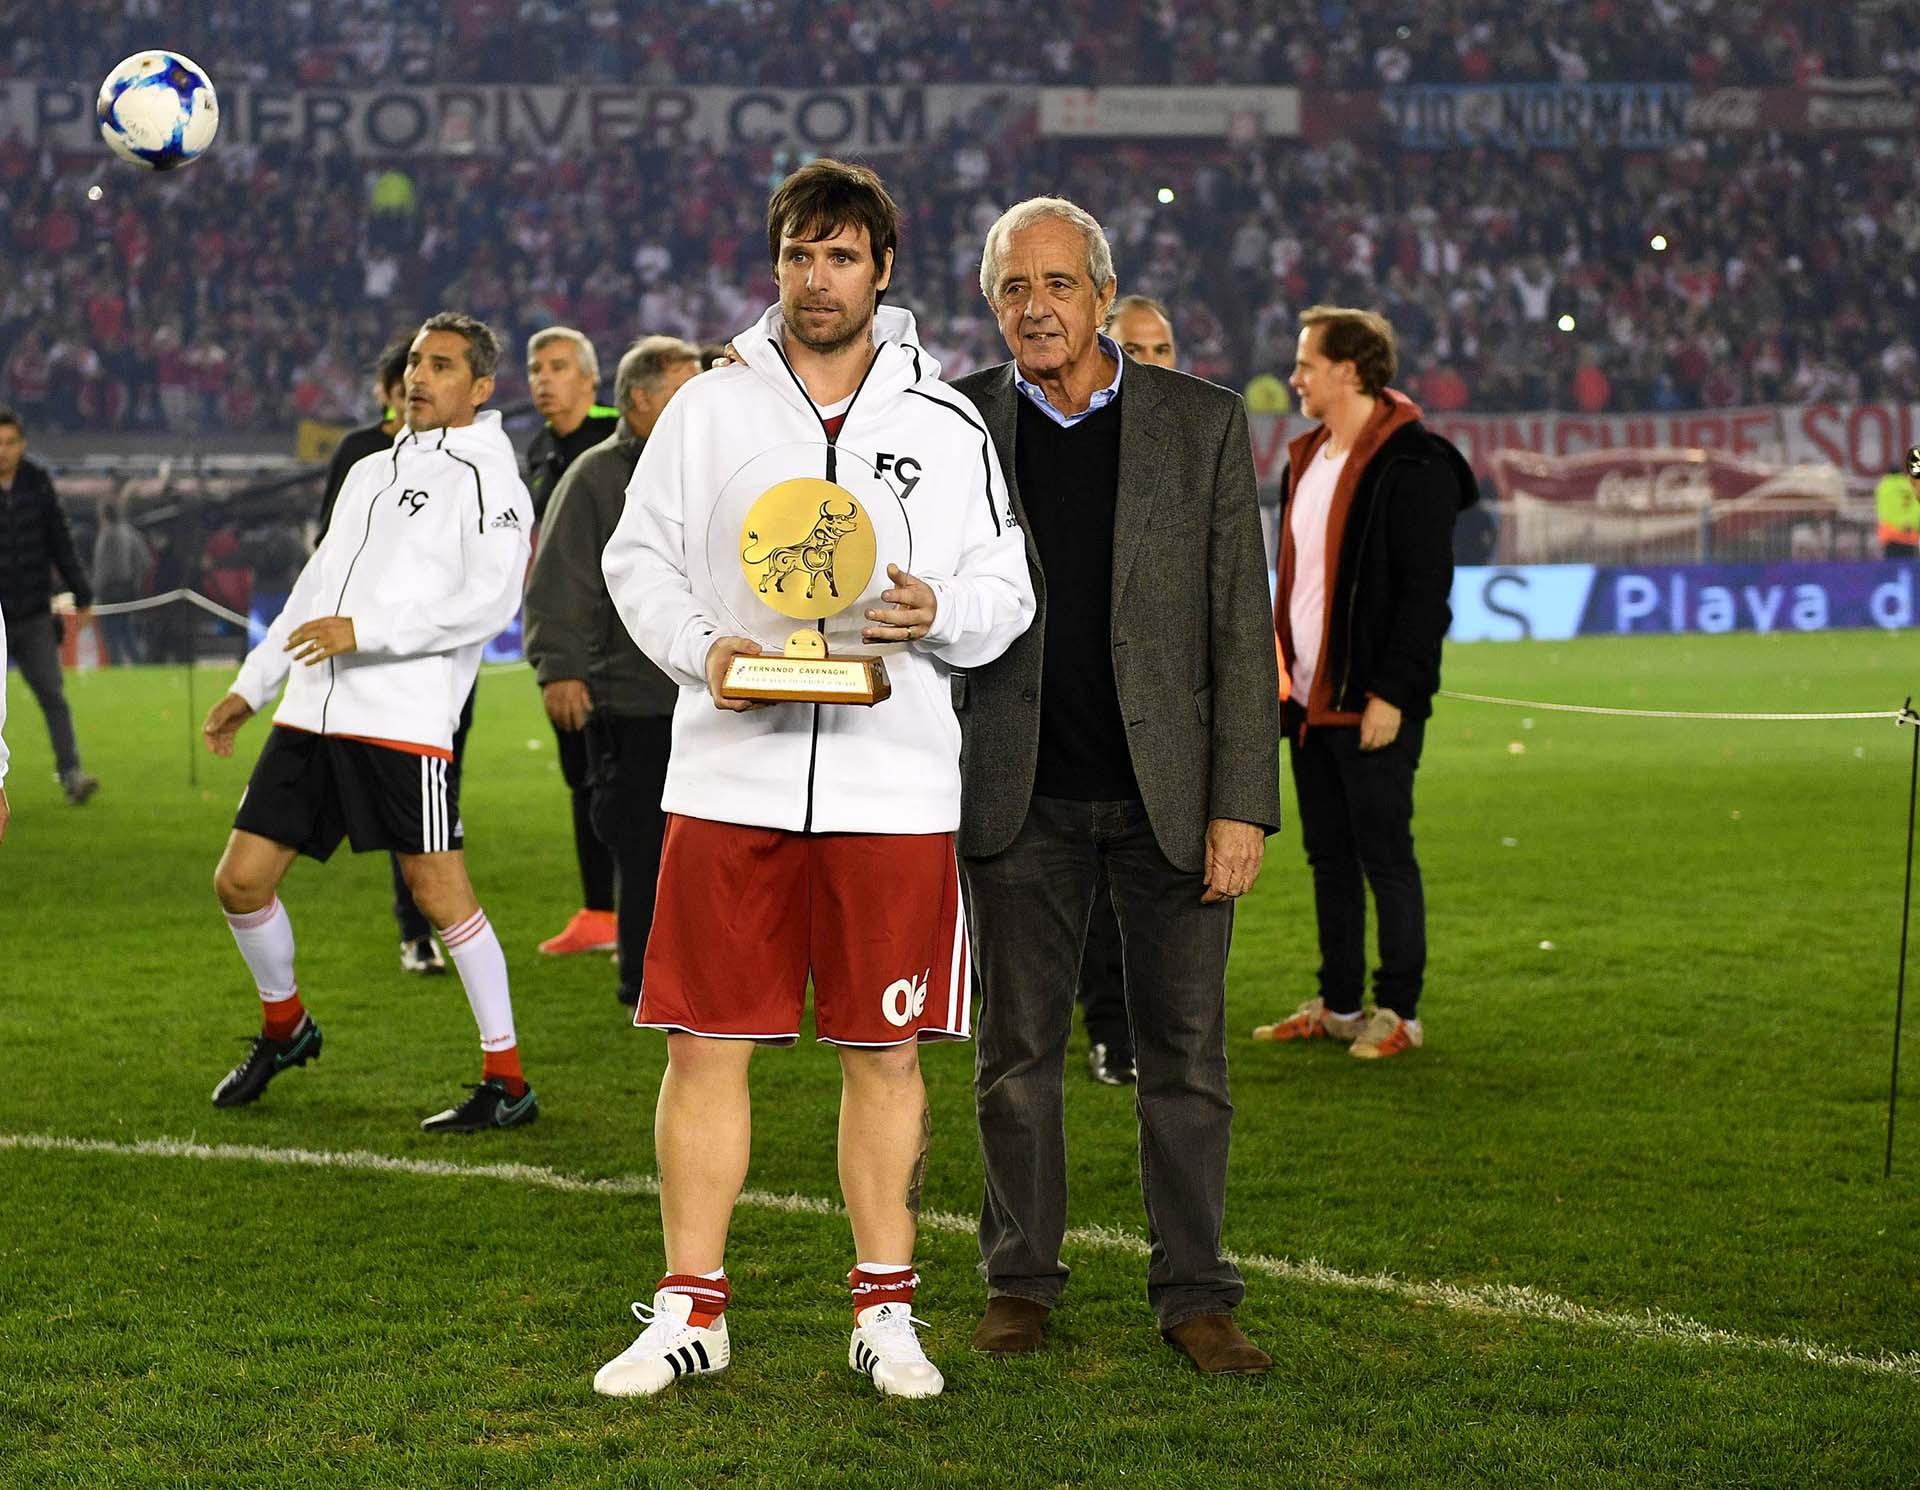 Cavenaghi junto al presidente de River, Rodolfo D'Onofrio